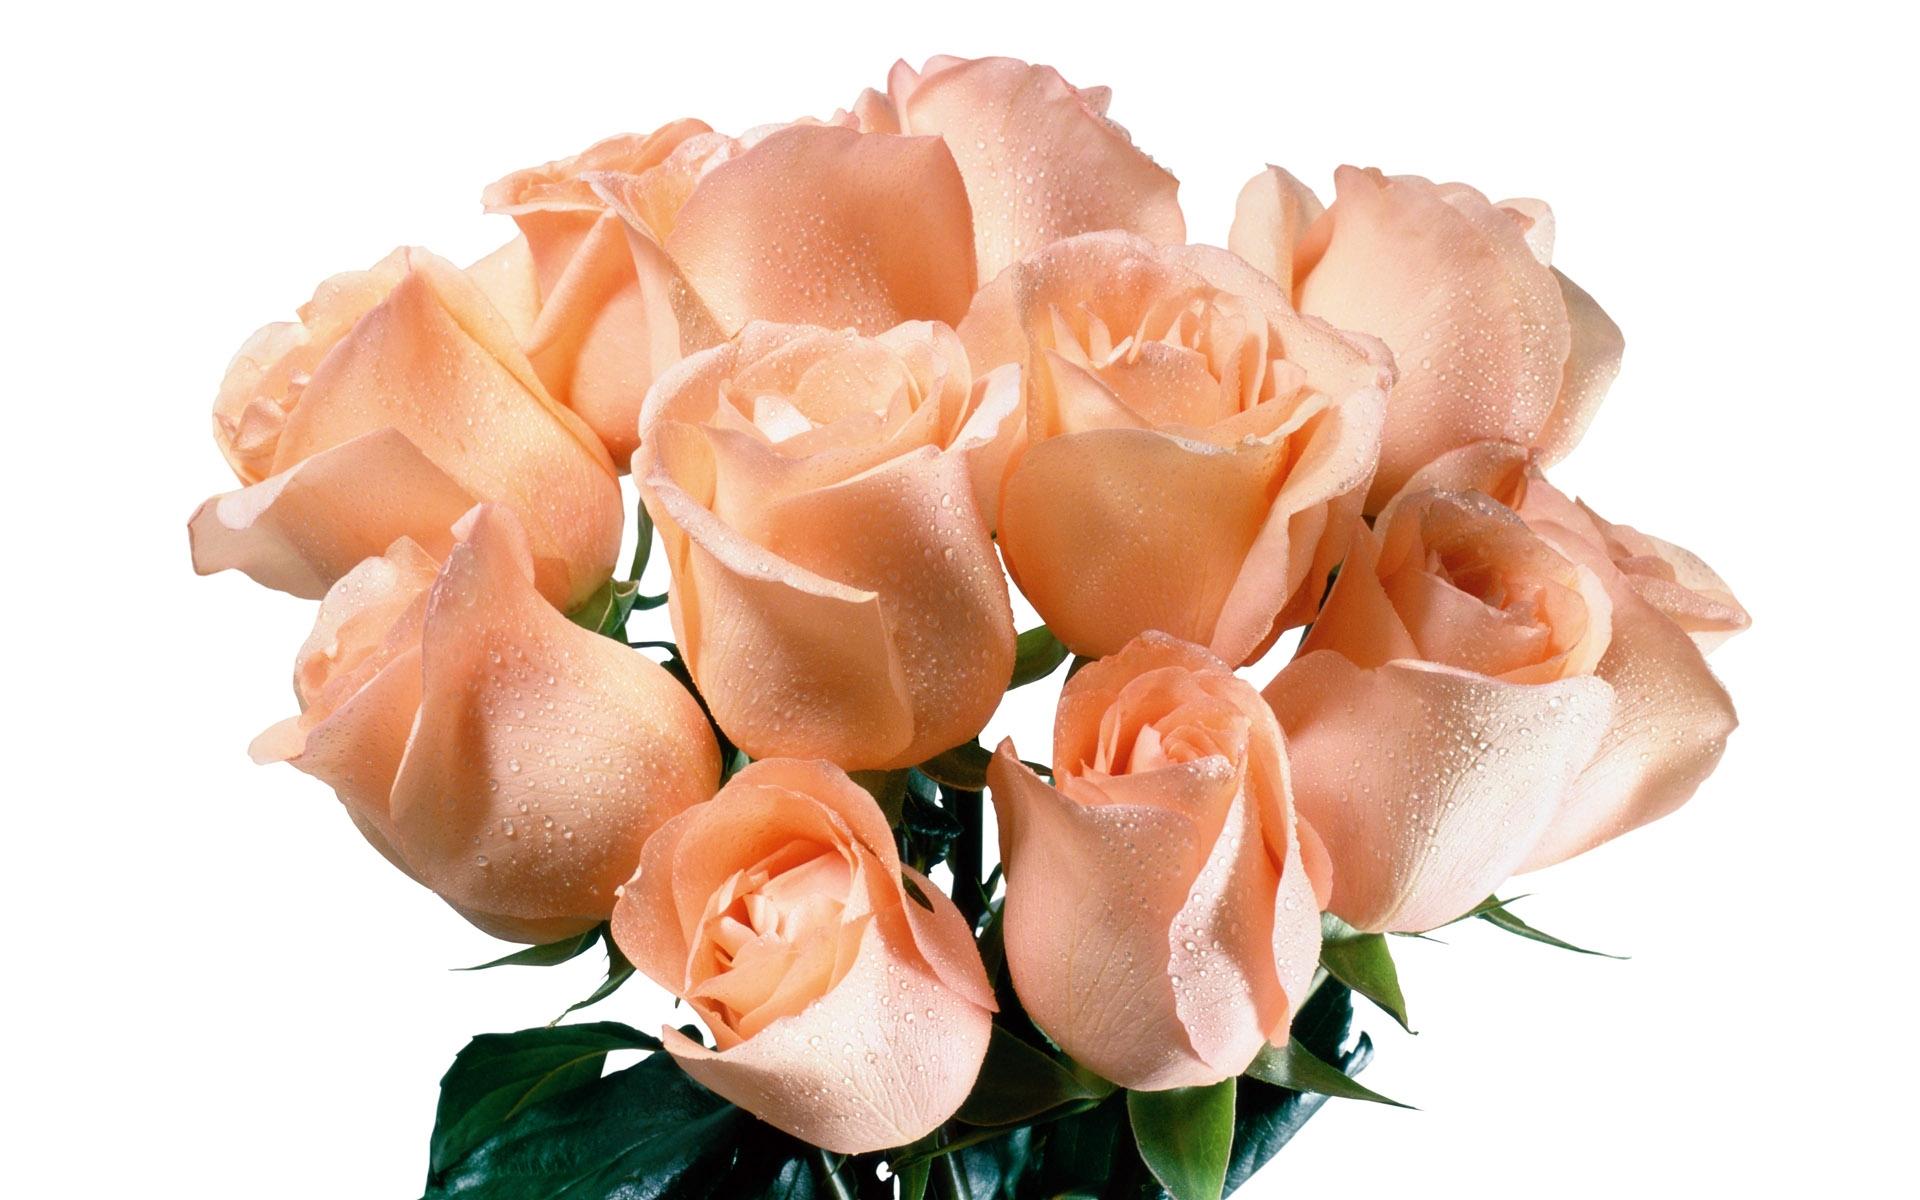 Леночка с днем рождения открытка с шикарными розами, здесь вам рады